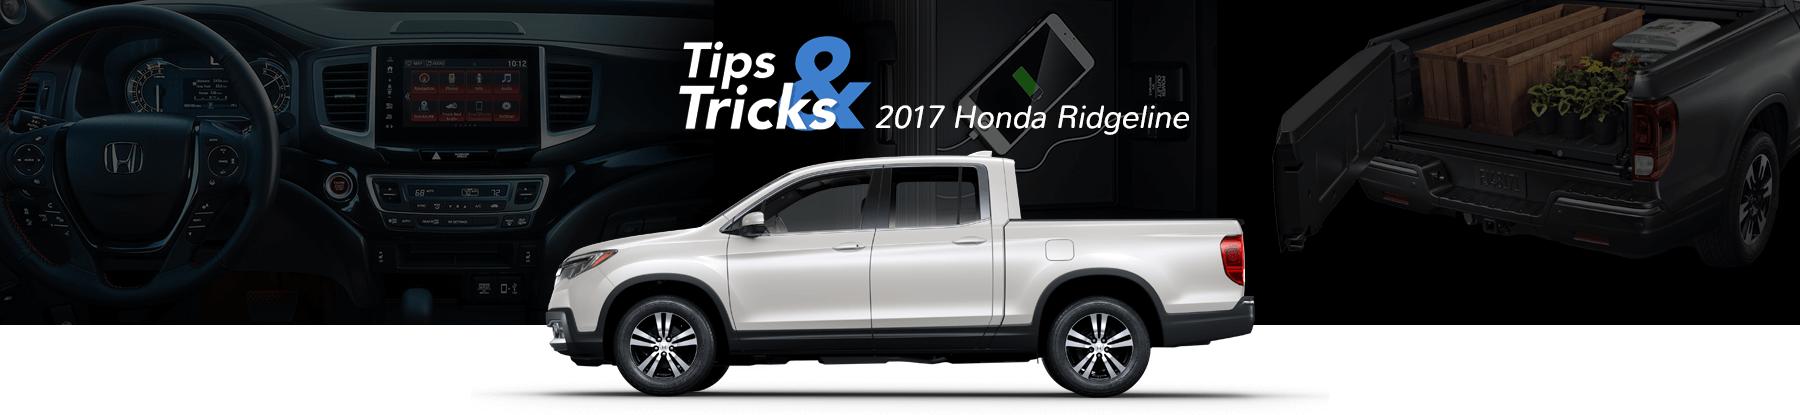 Honda Ridgeline Tips & Tricks Banner